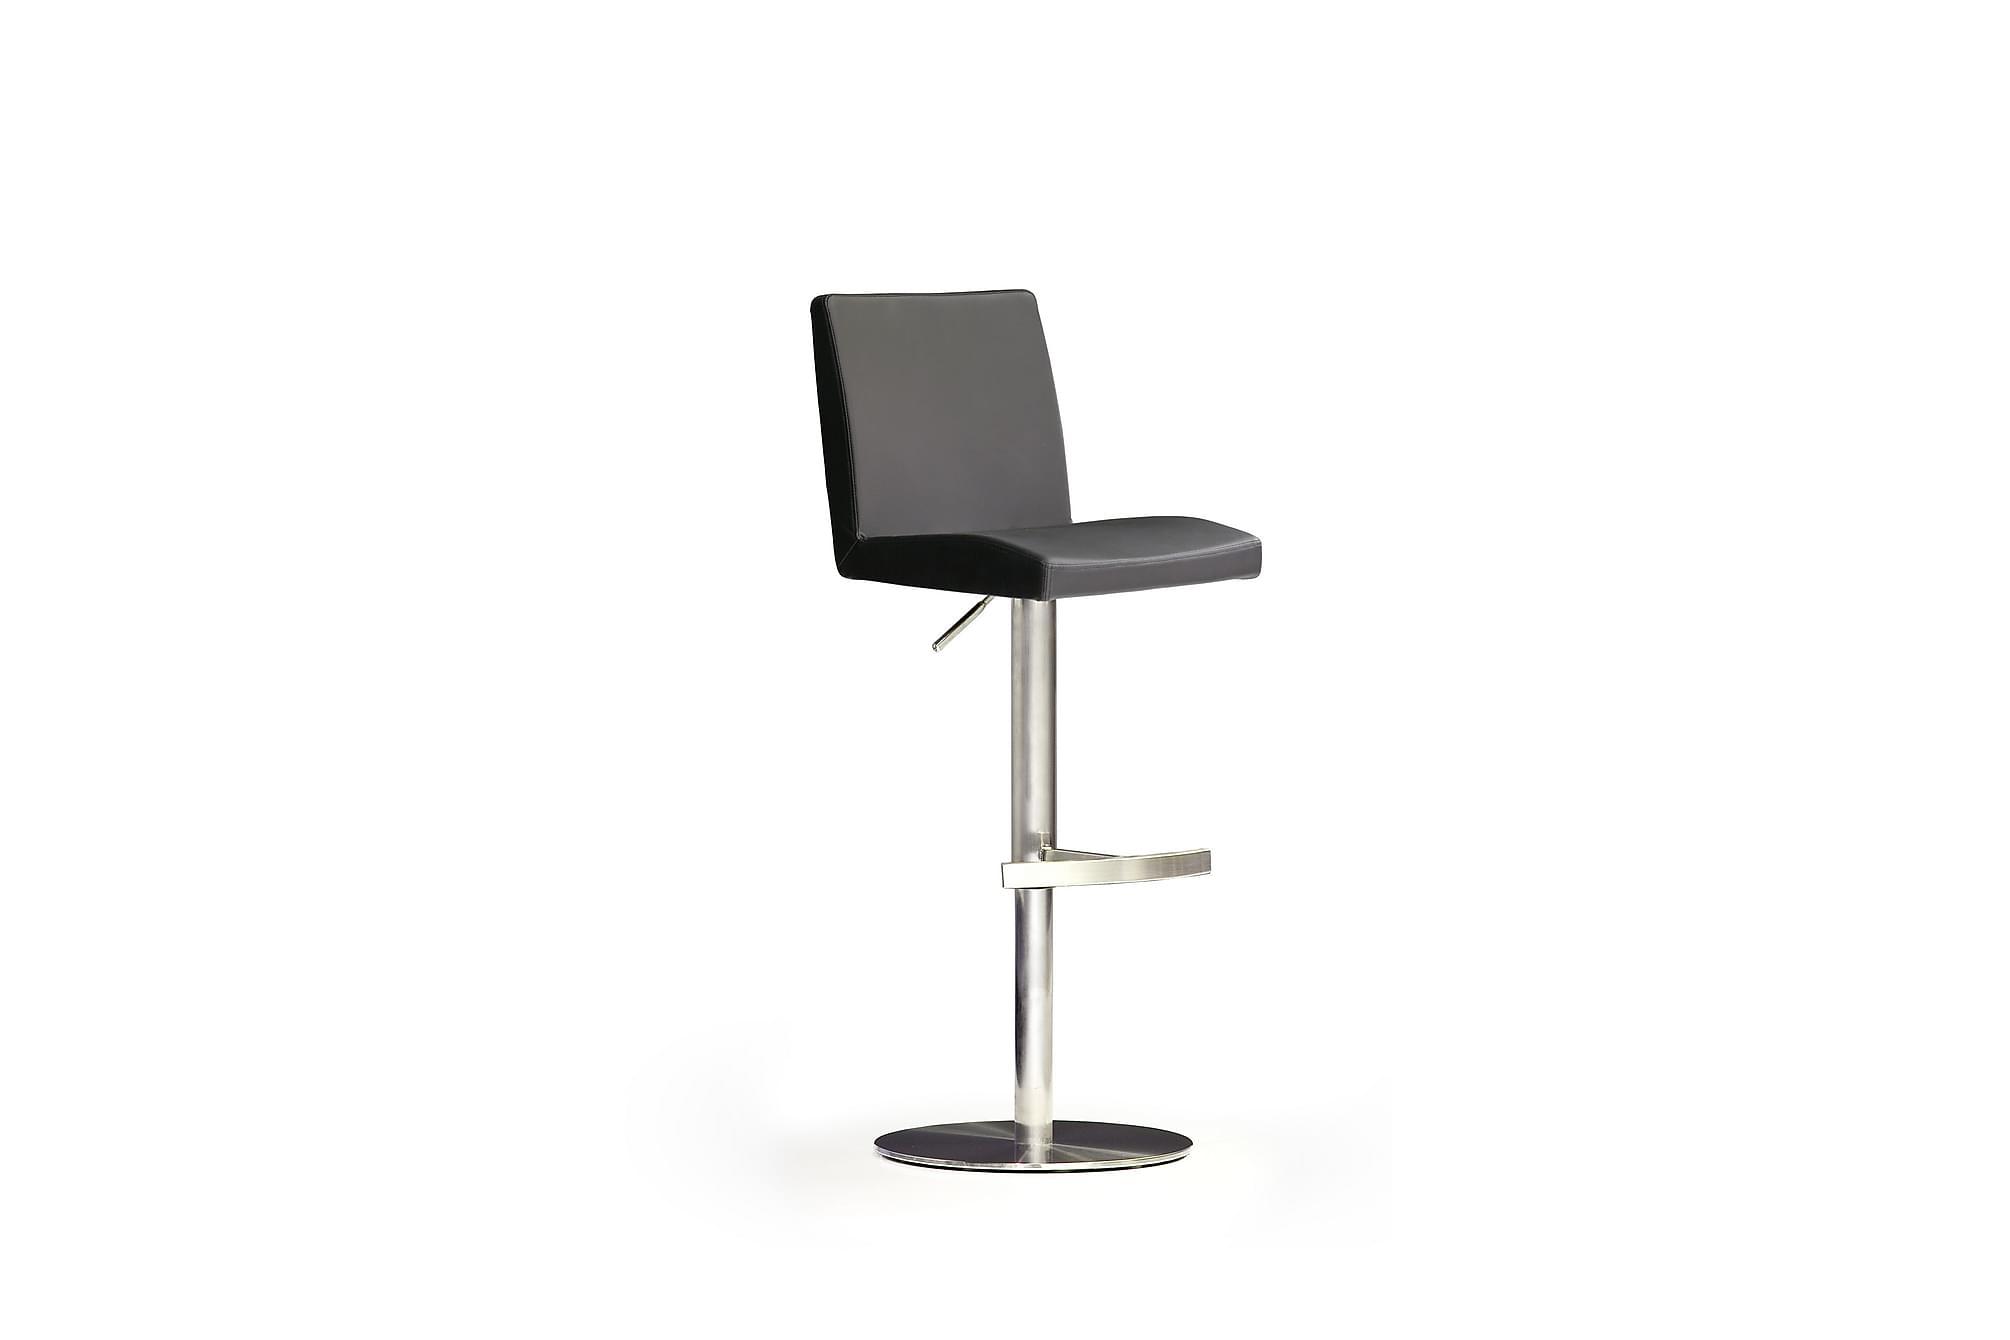 Soila barstol rund fot konstläder svart/stål